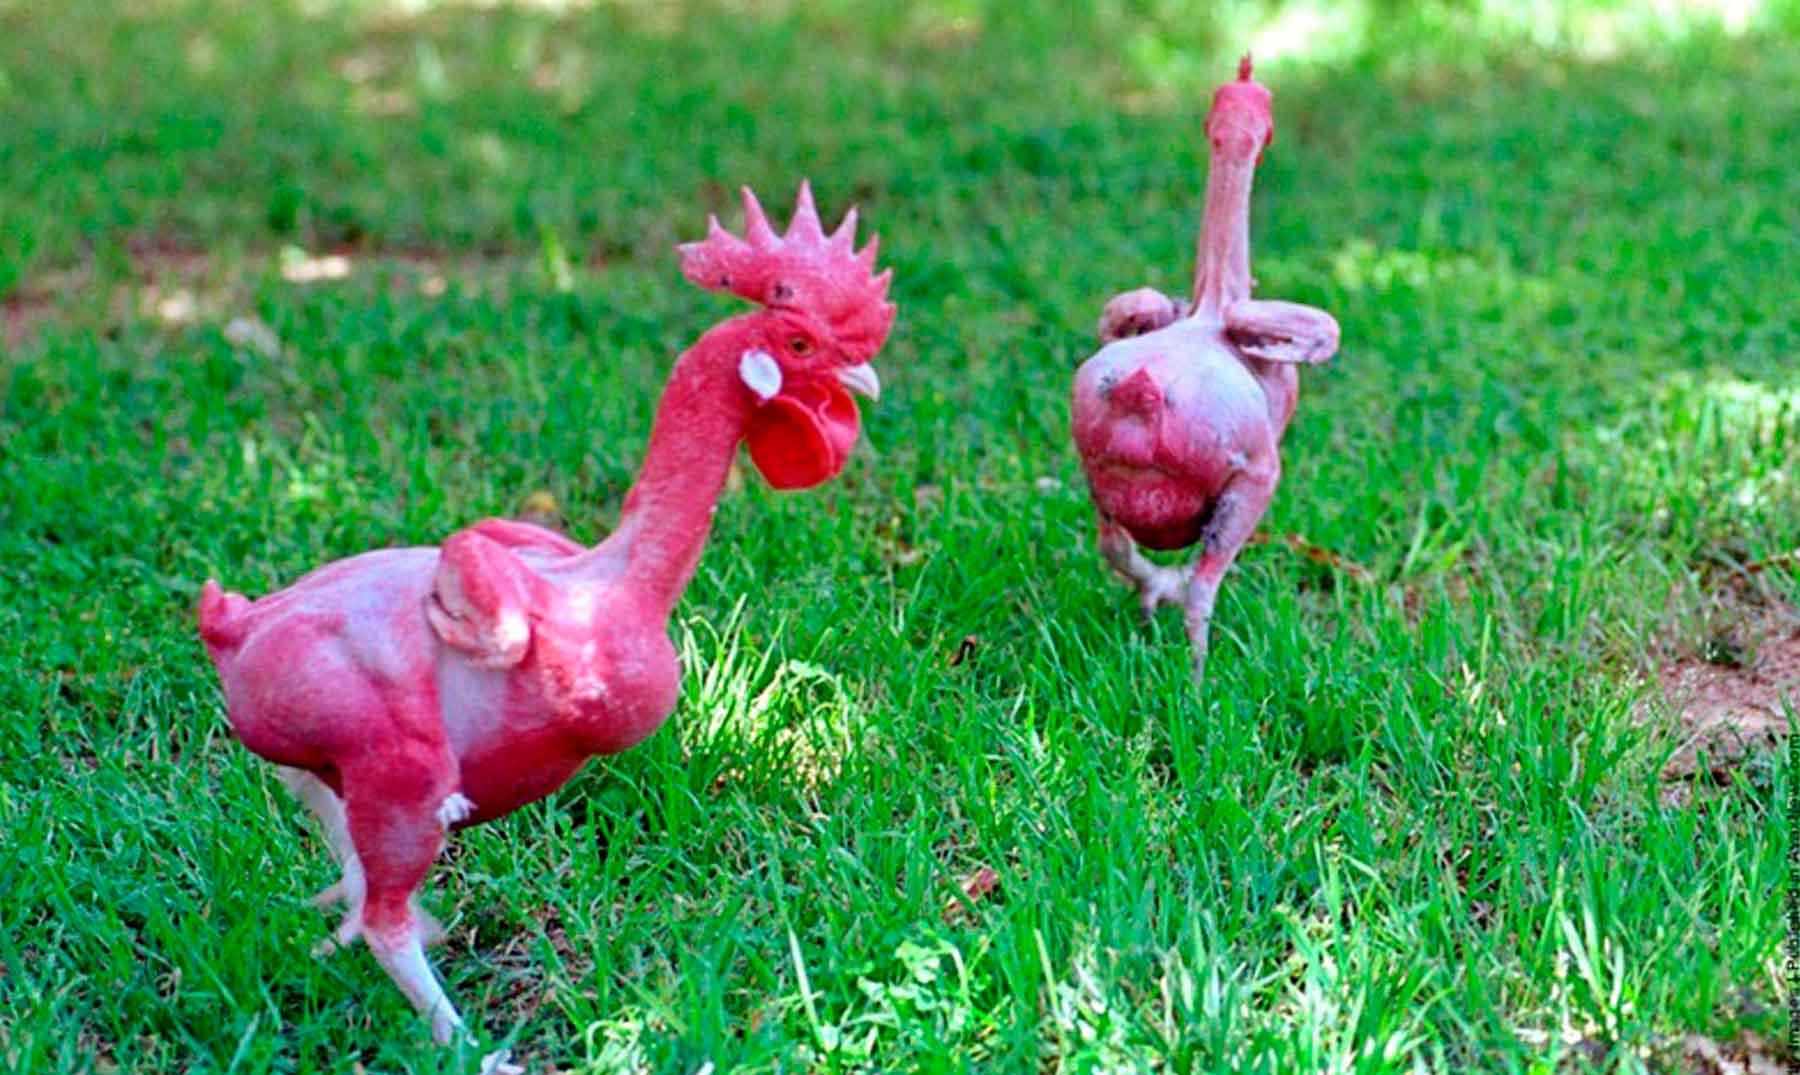 Los pollos sin plumas 'listos para cocinar'